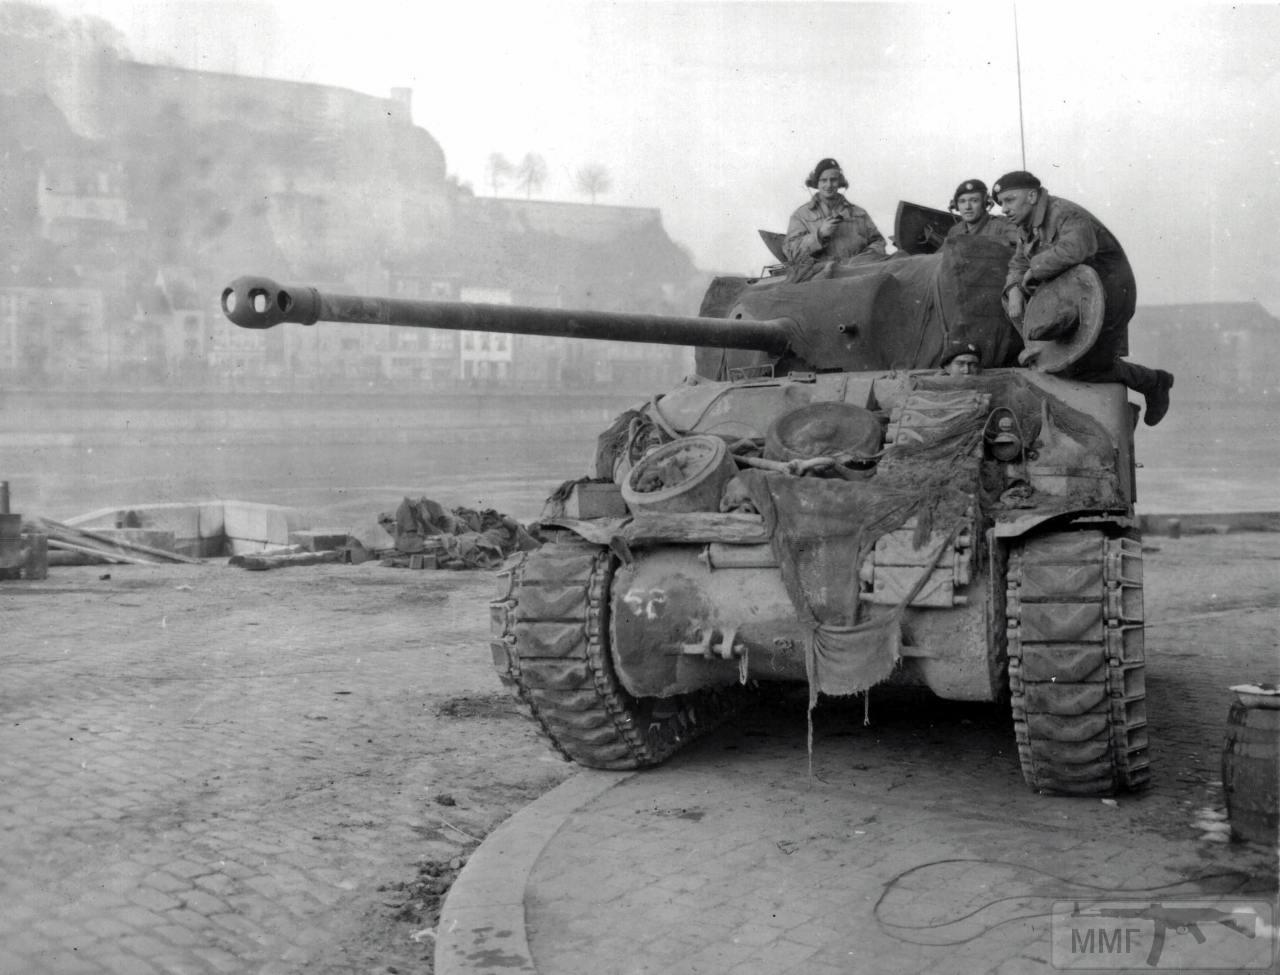 85183 - Военное фото 1939-1945 г.г. Западный фронт и Африка.